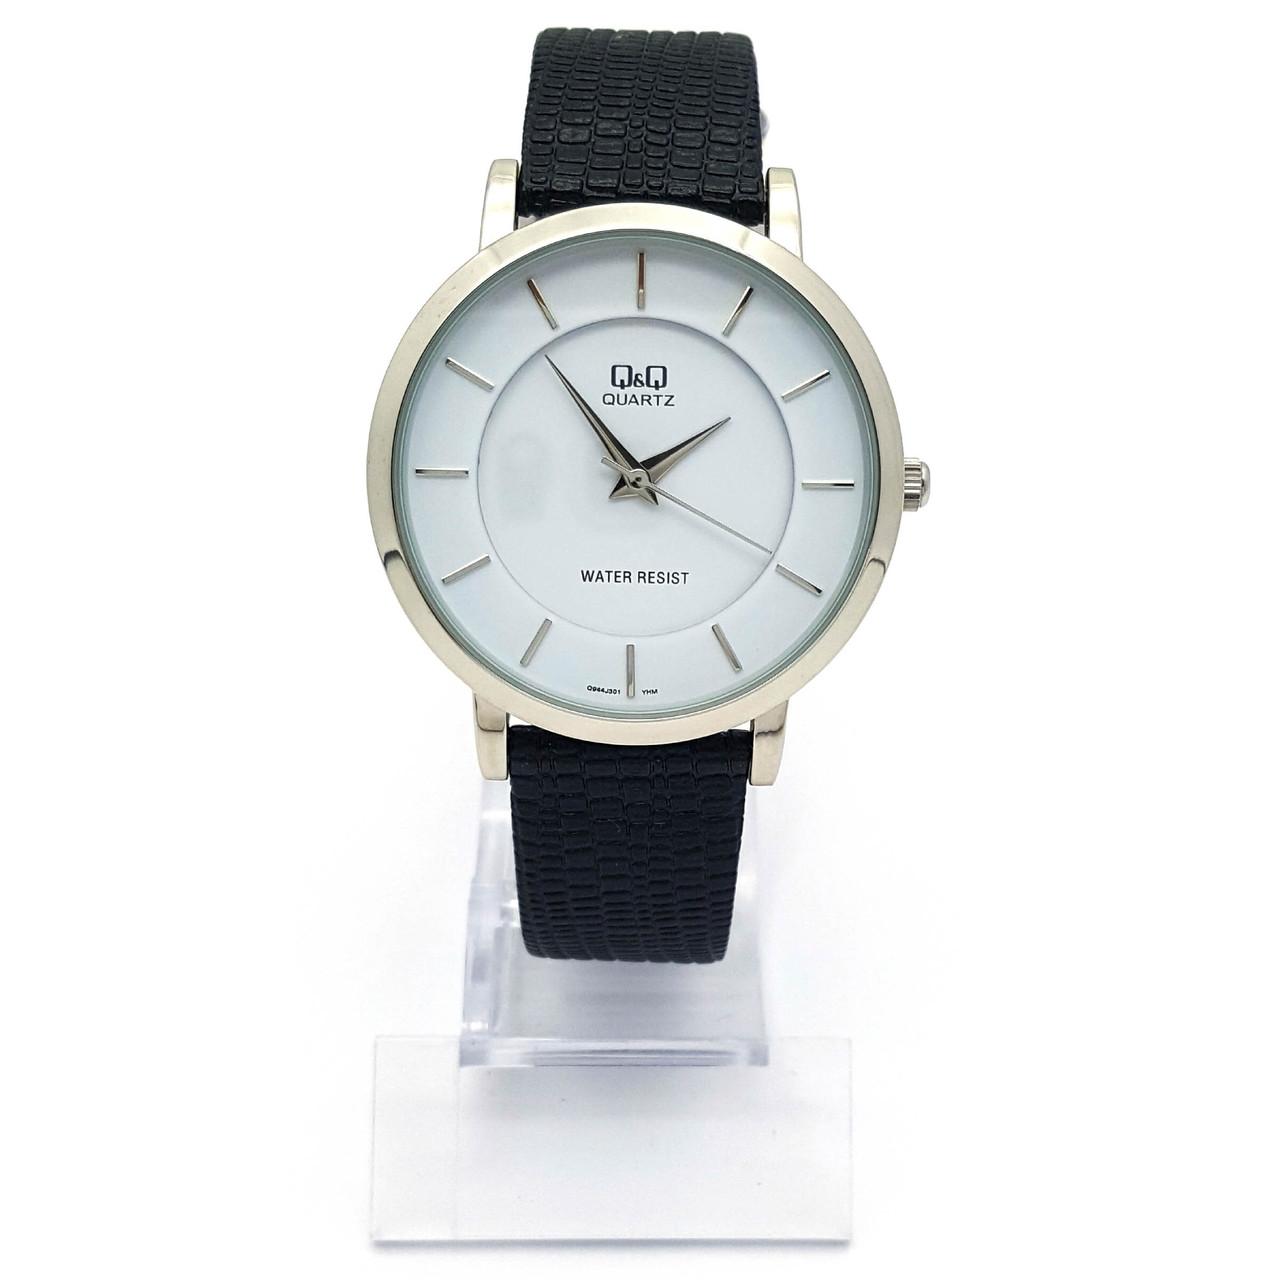 Часы QQ, классические, длина ремешка 17,5-22 см, циферблат 39мм